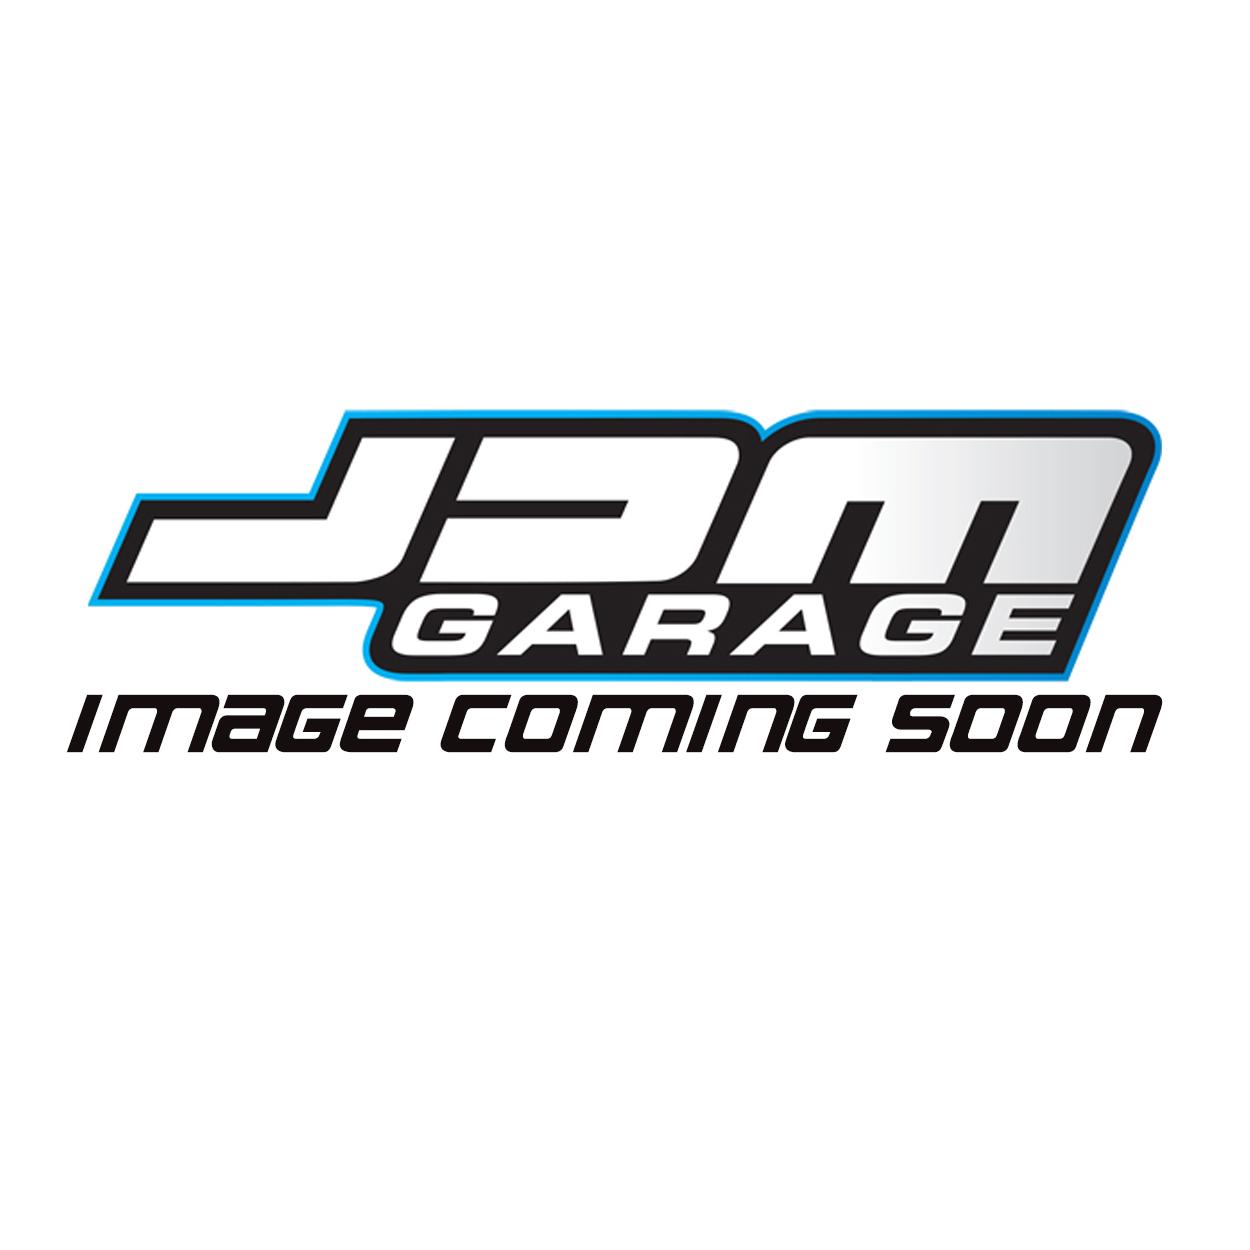 RB20DET Engine Rebuild Package - R32 GTST Skyline